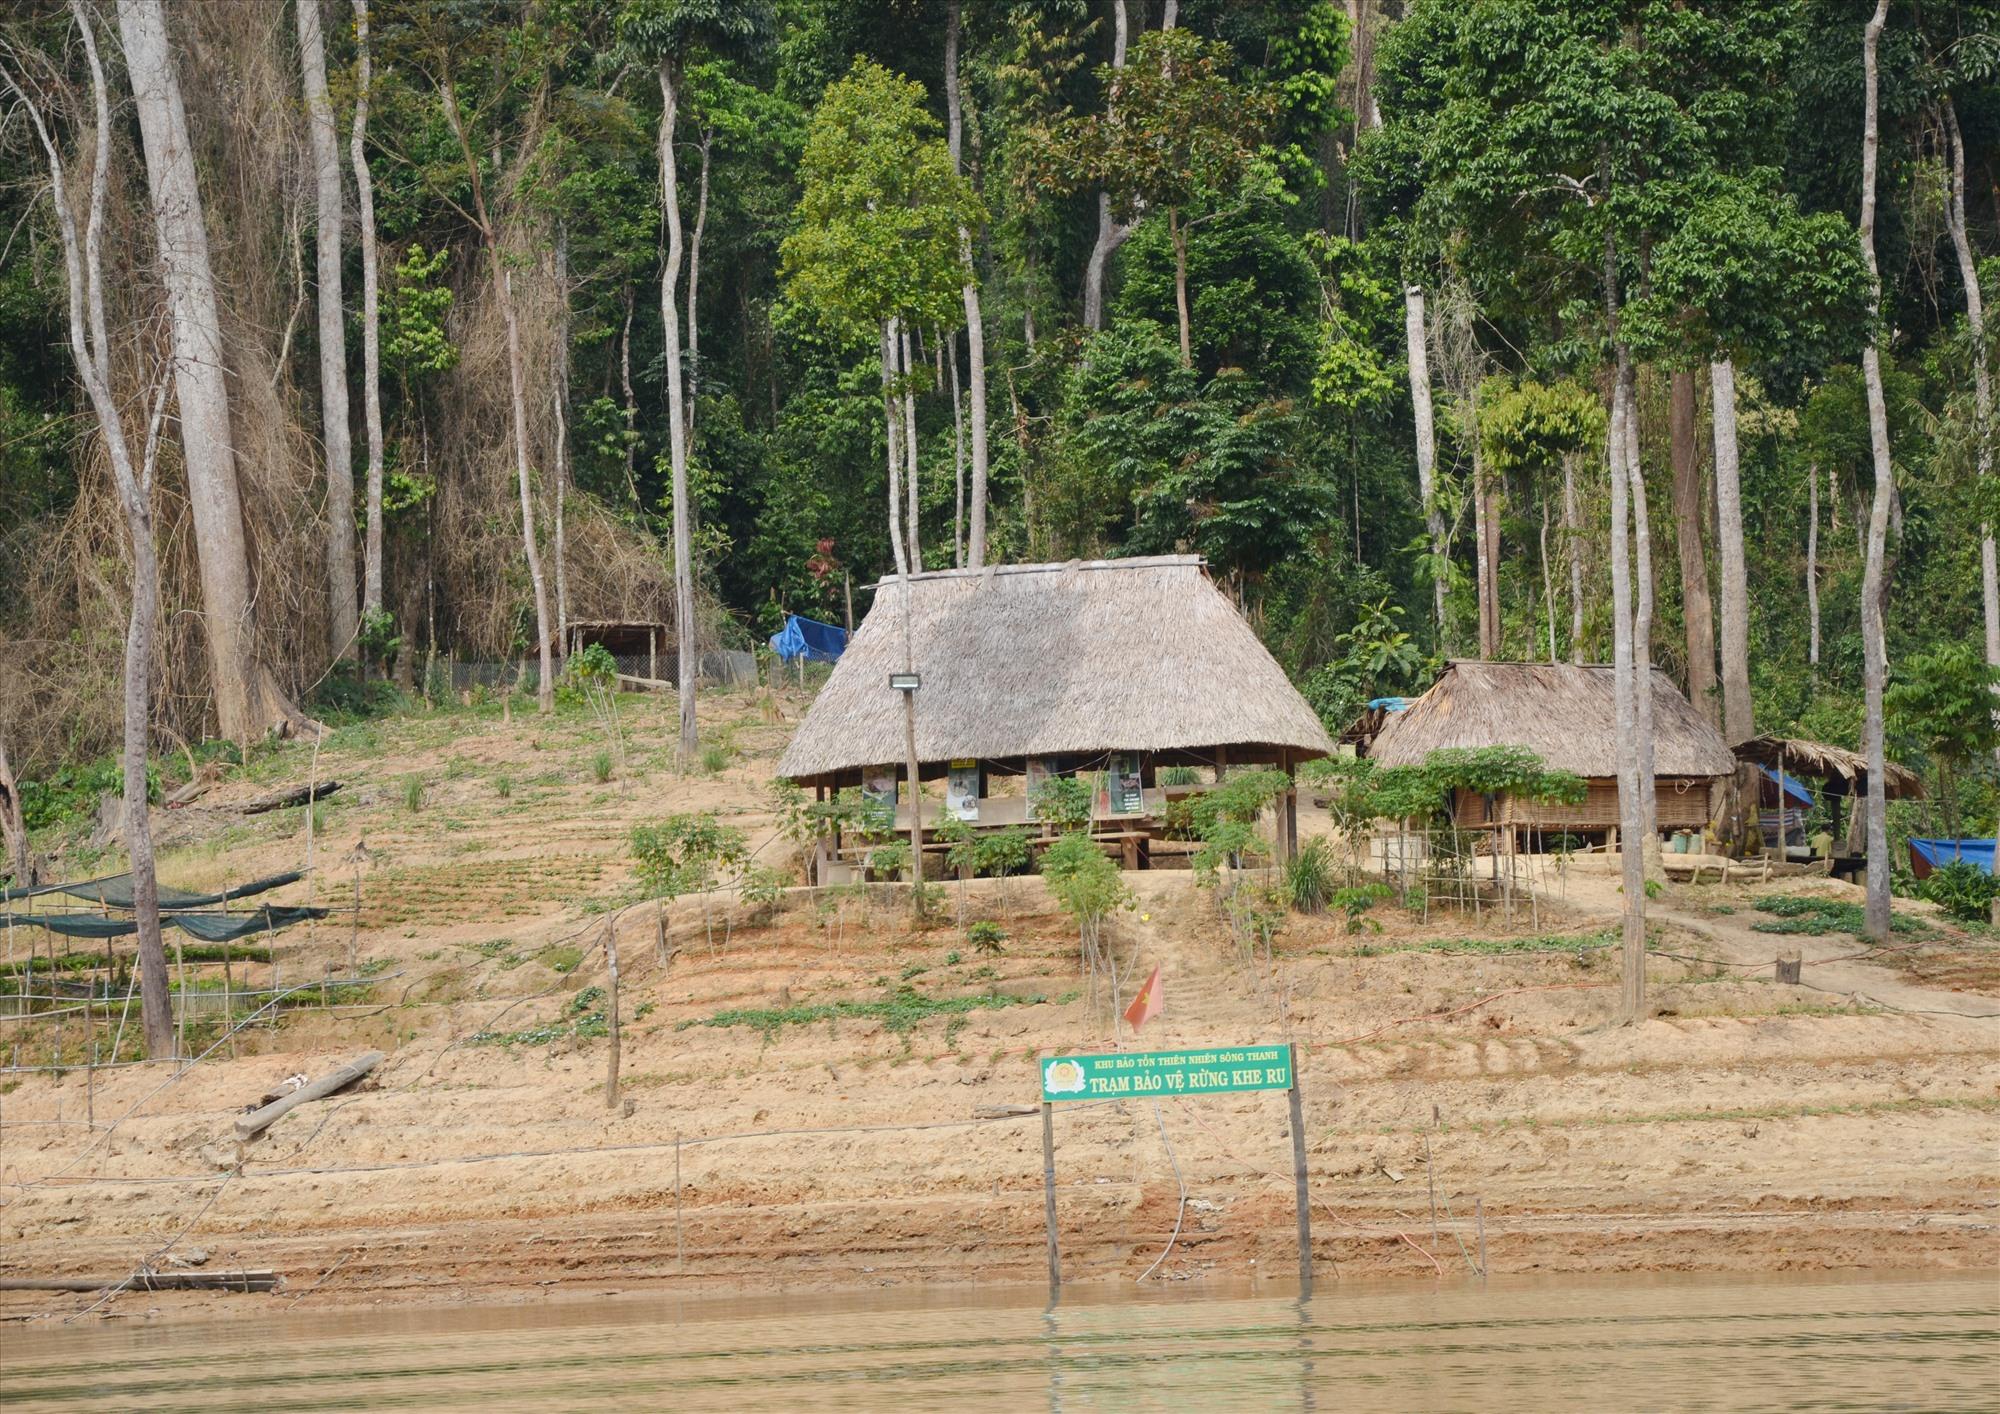 Đất rừng trong Vườn quốc gia Sông Thanh vẫn chưa được cấp bìa đỏ. Ảnh: H.P